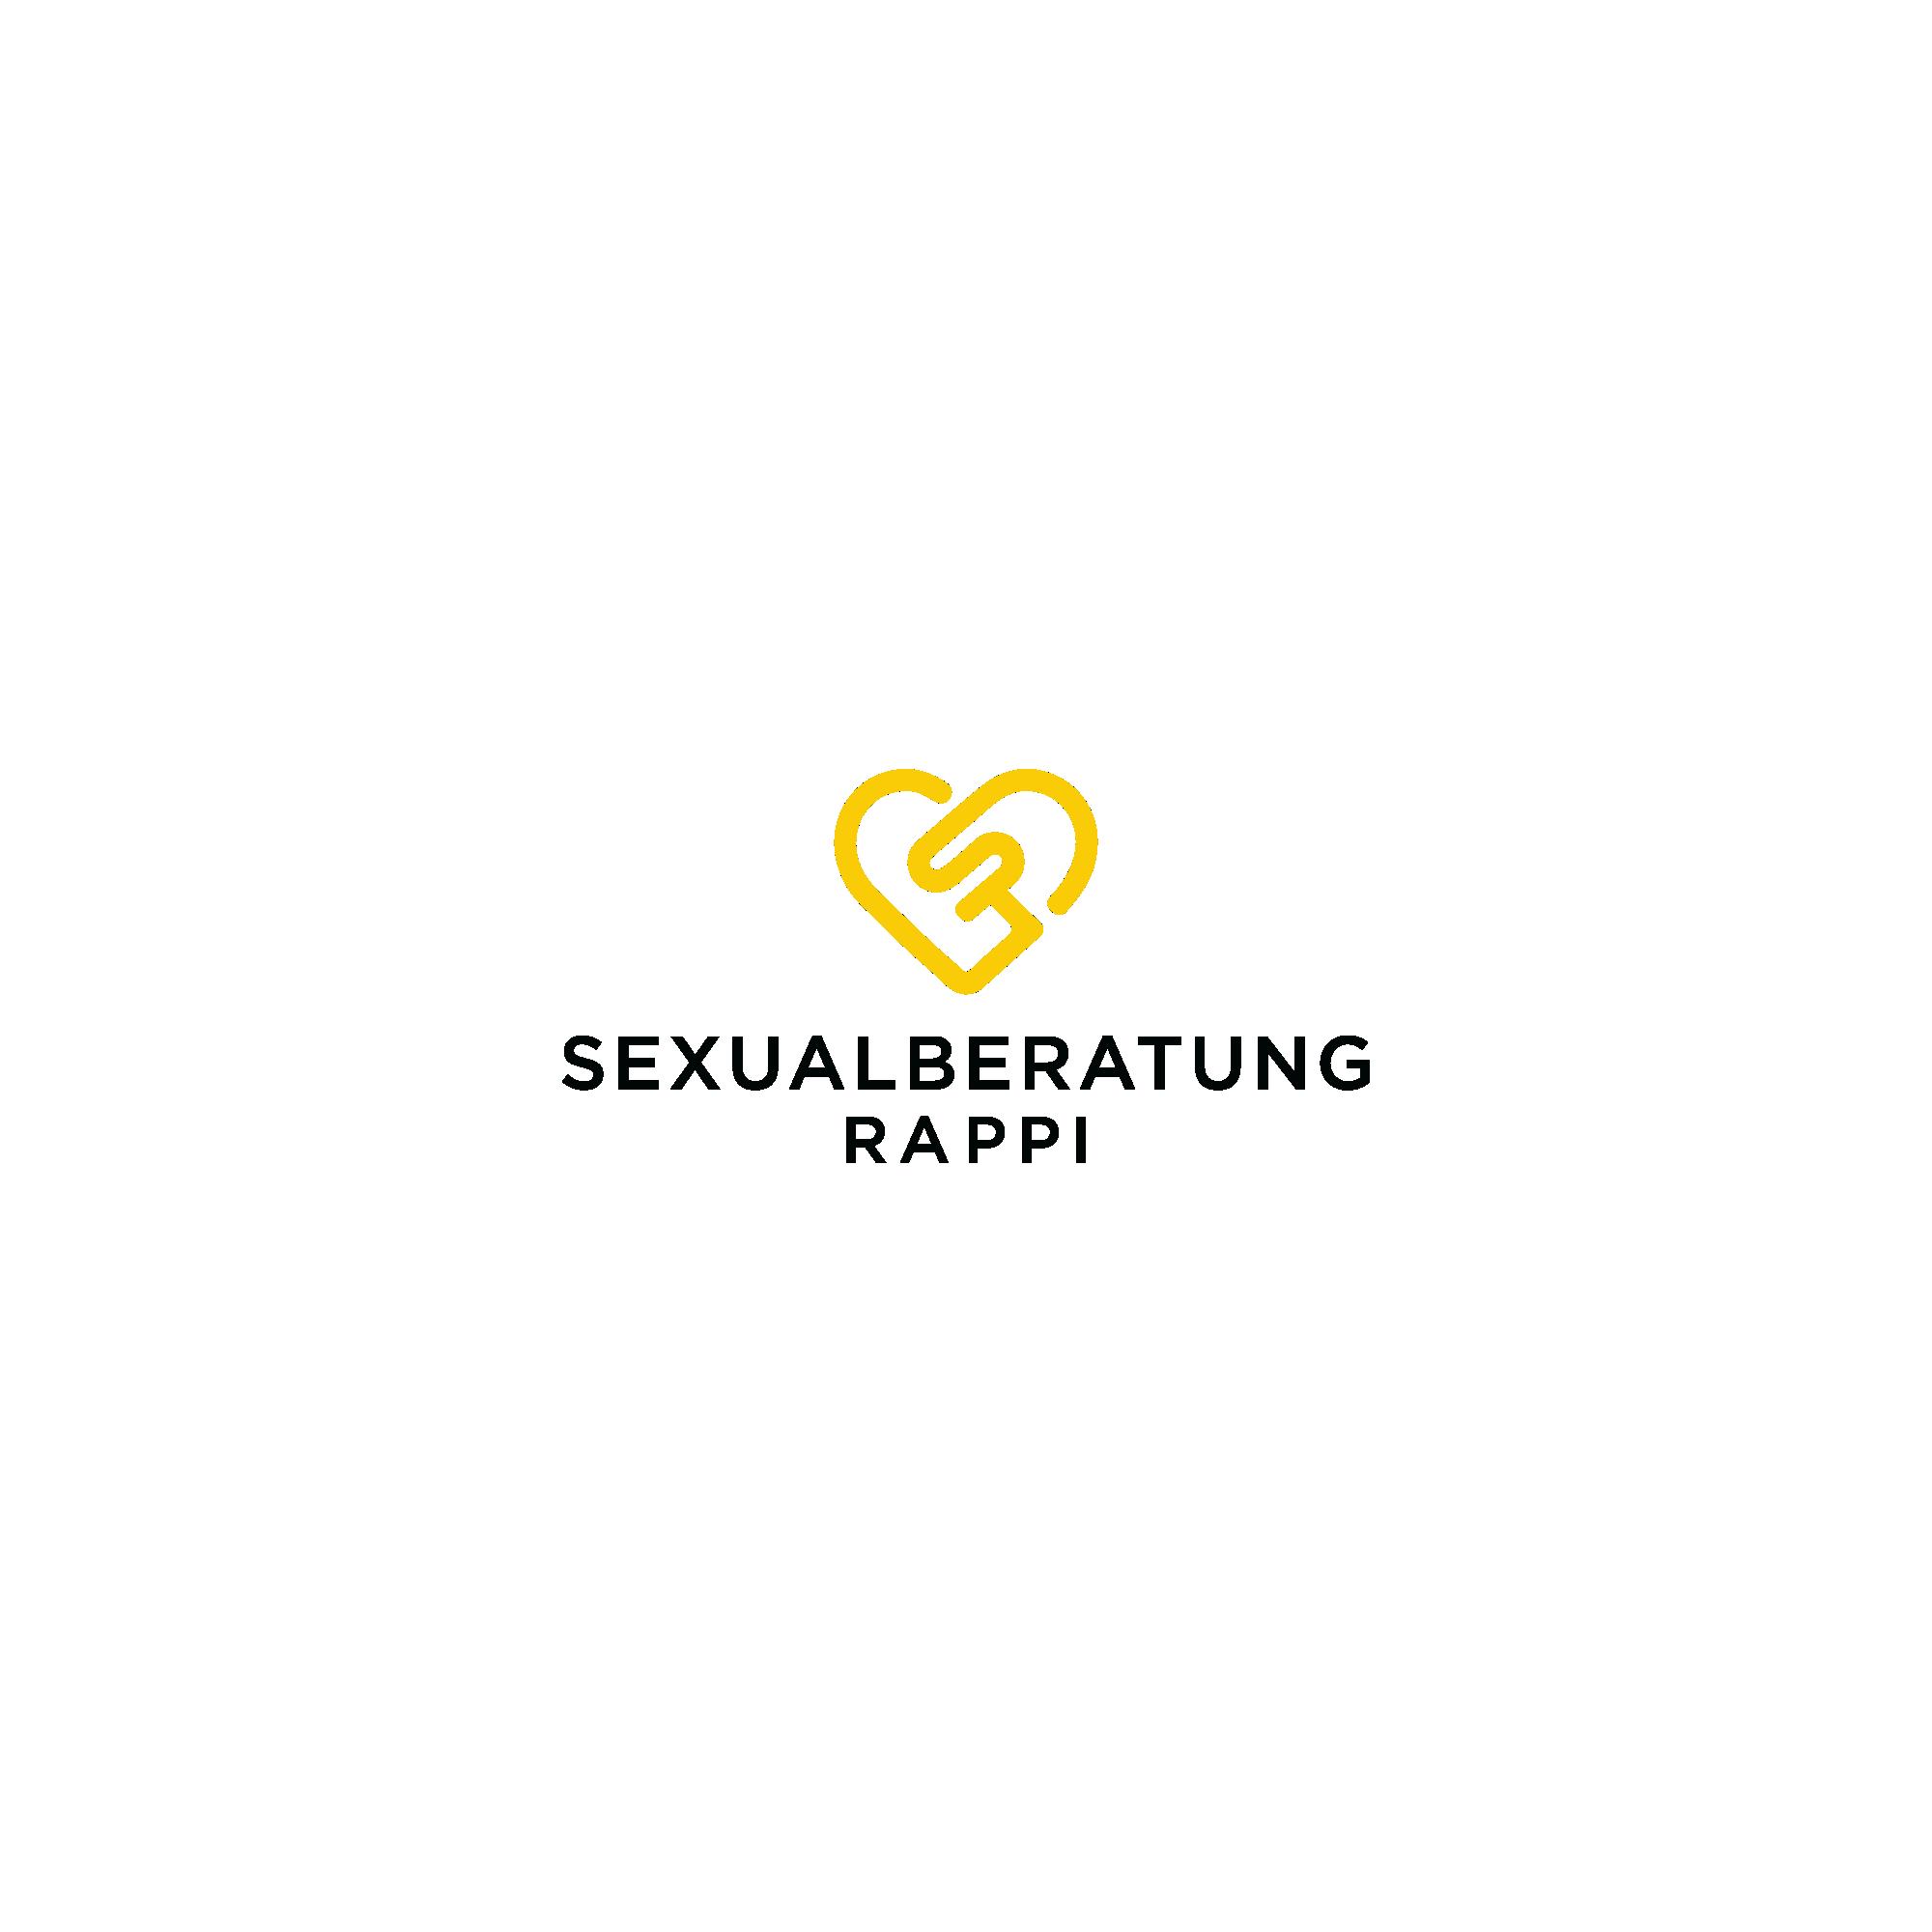 Sexualberatung Rappi benötigt deine Kreativität für ein aussagekräftiges Logo!